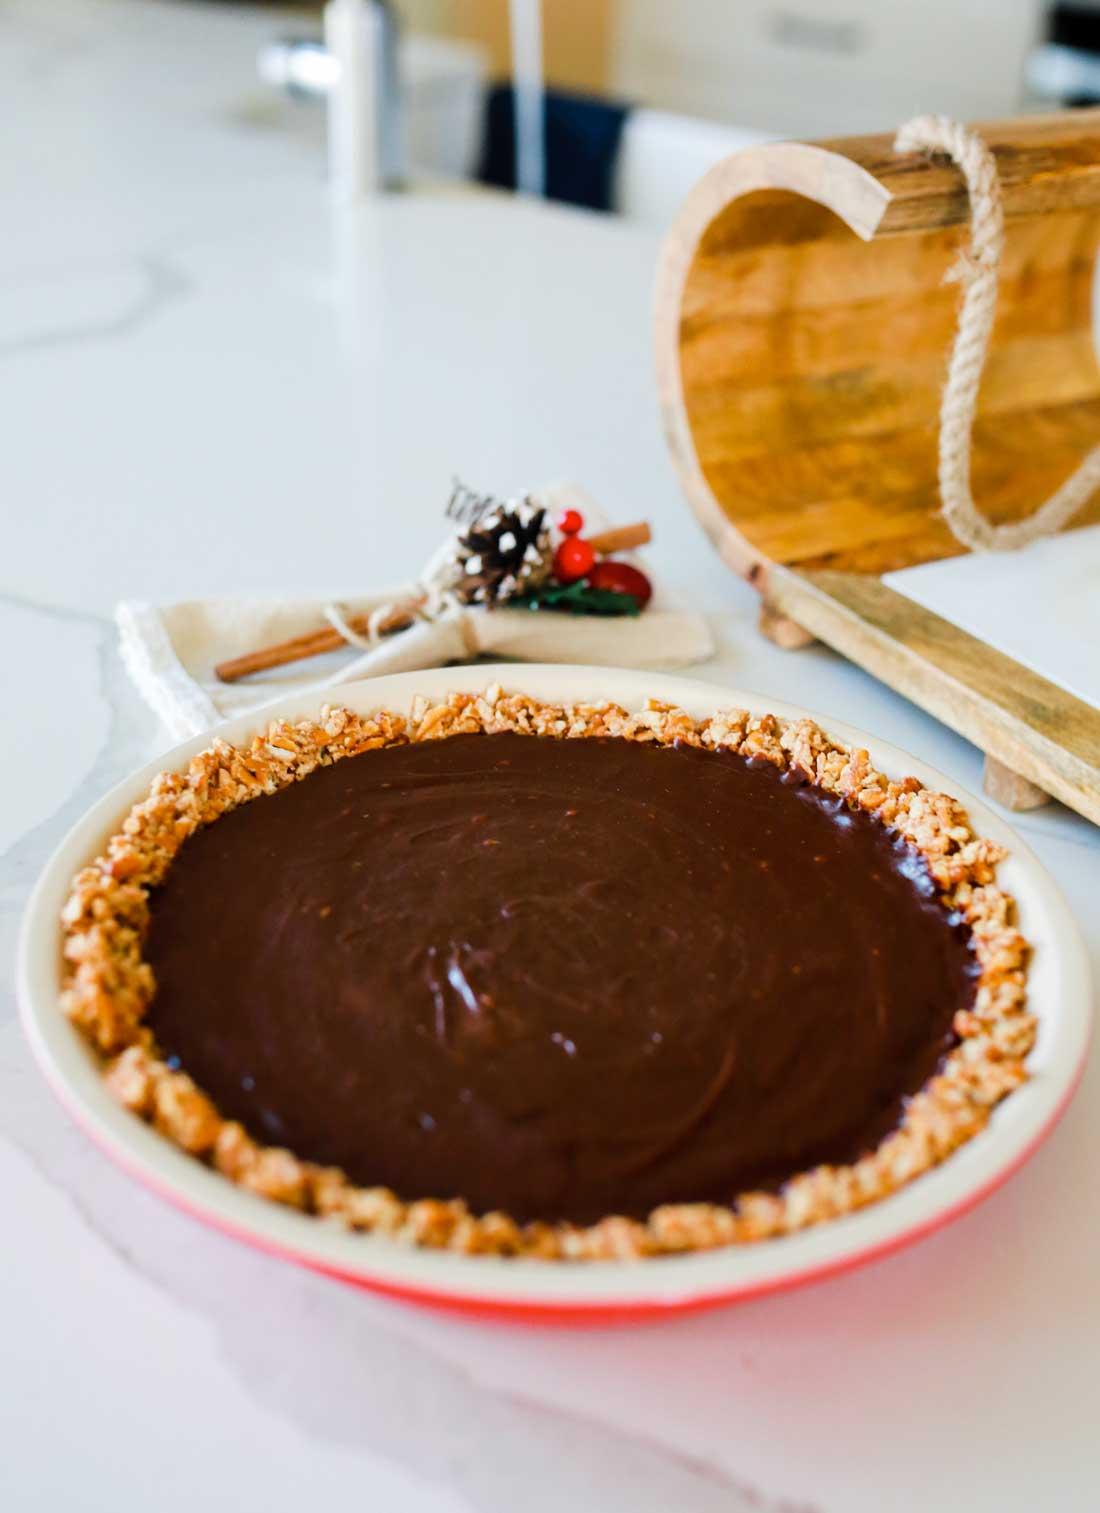 Chocolate truffle pie with a pretzel crust!